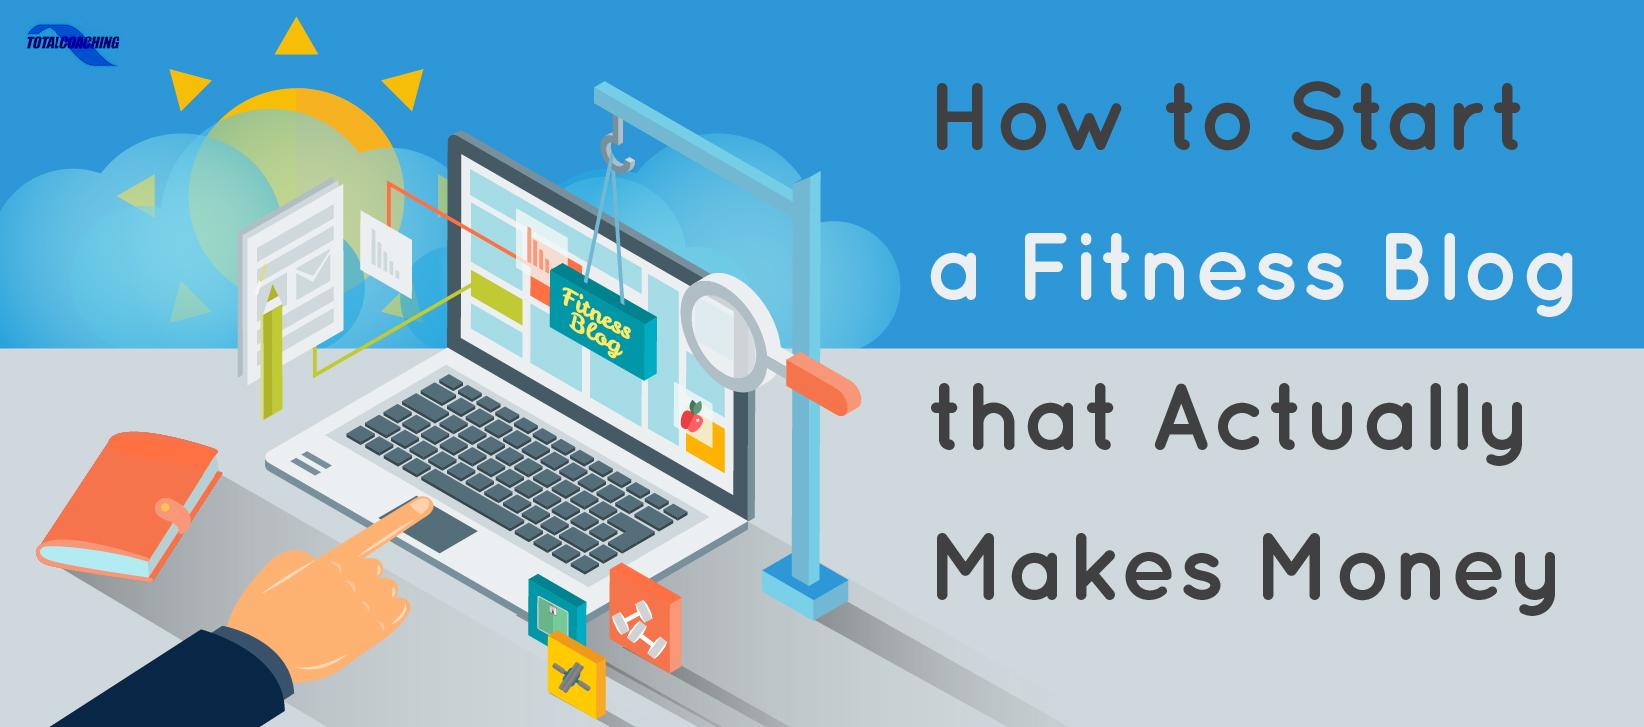 Start a fitness blog